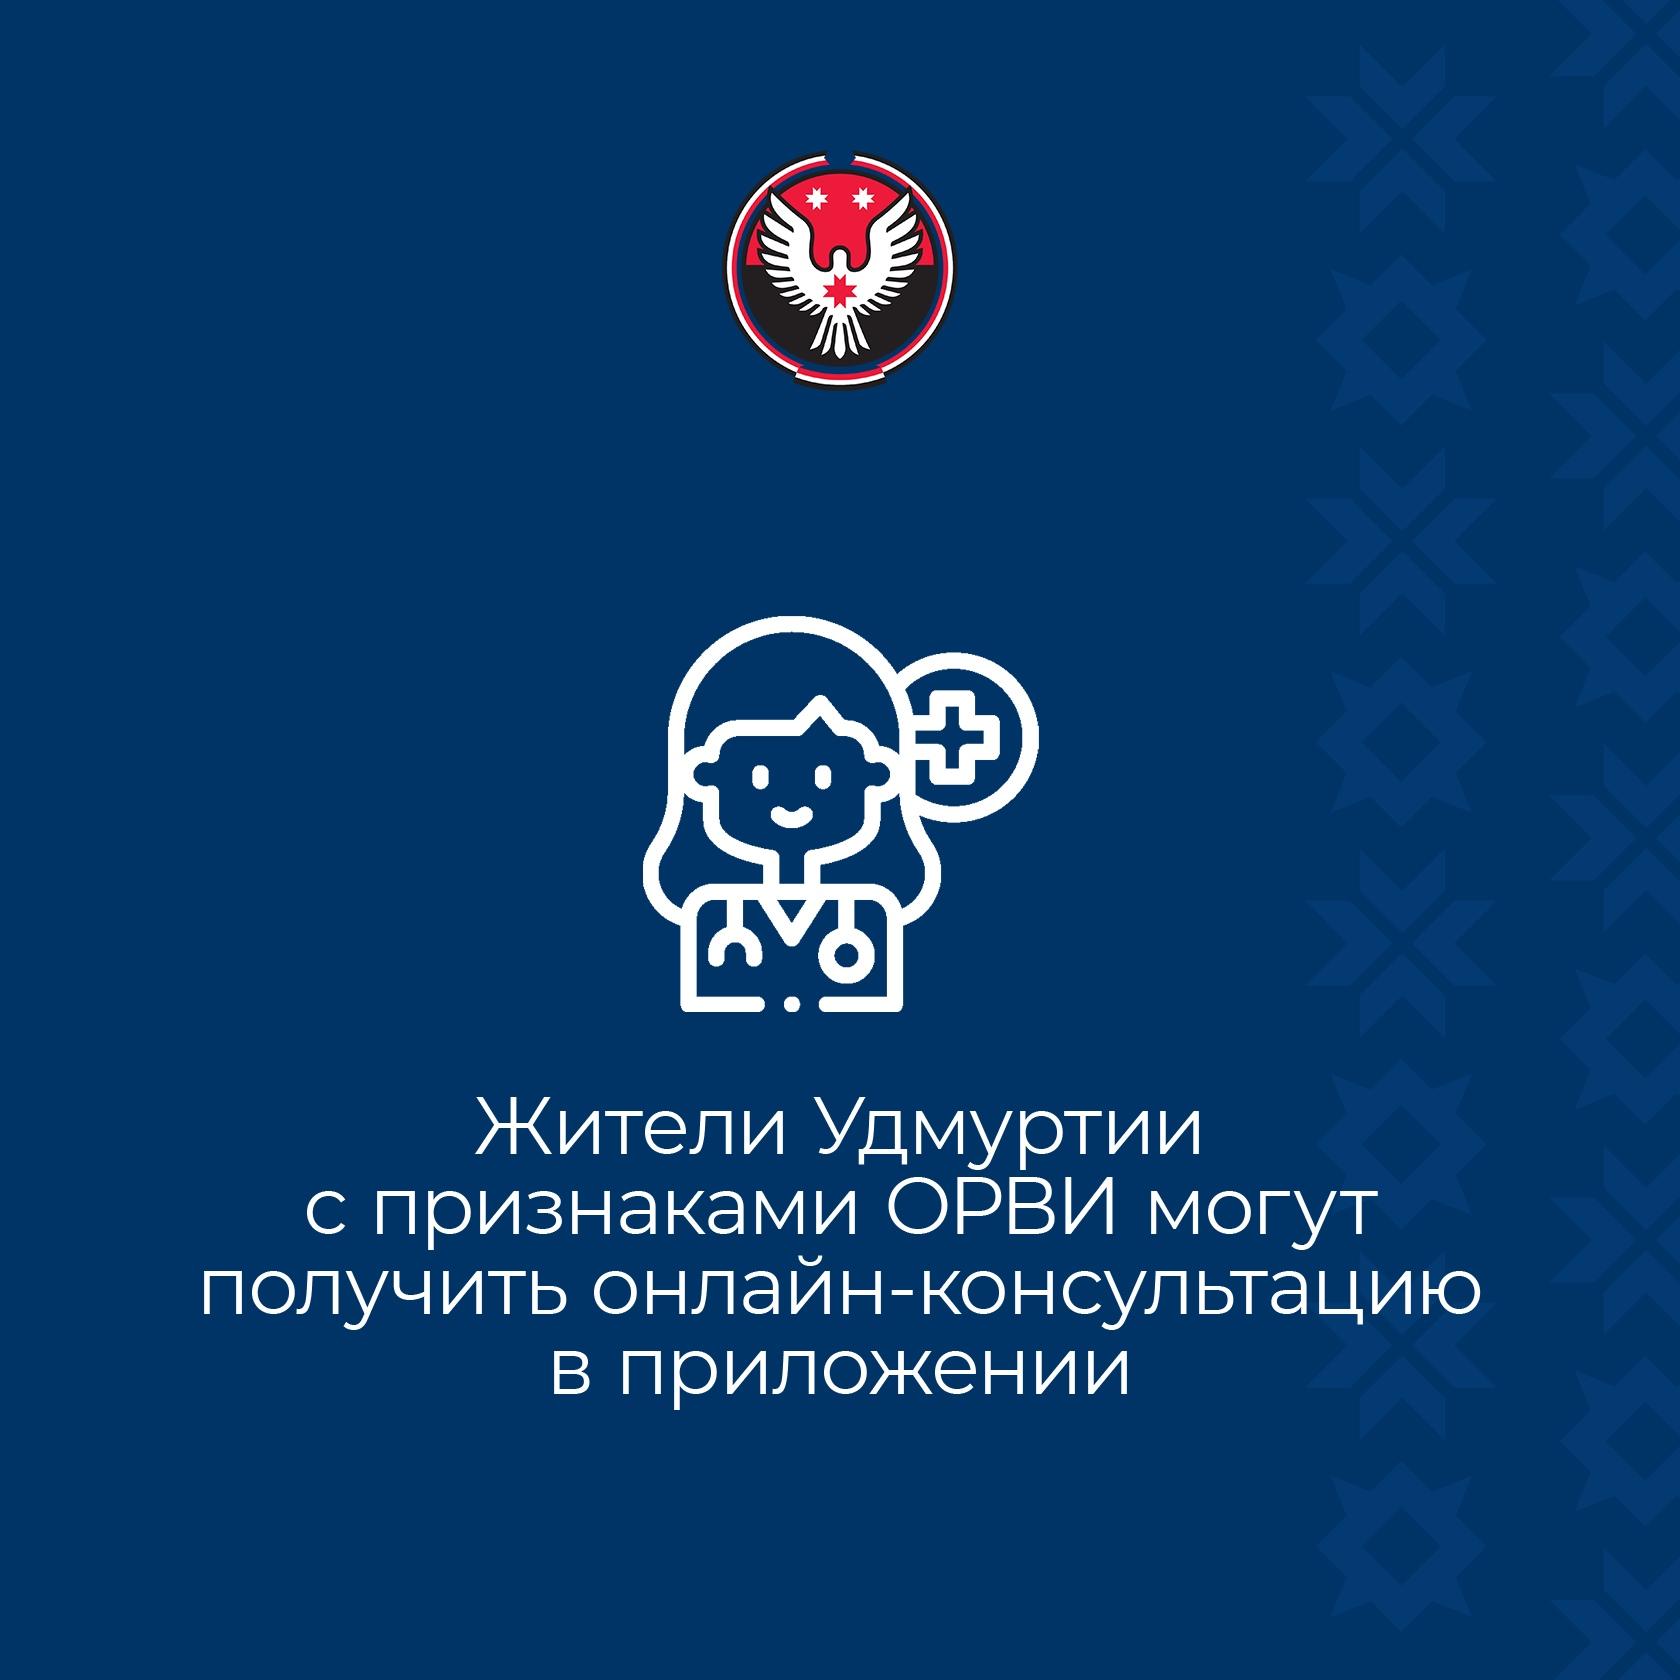 Жители Удмуртии с признаками ОРВИ смогут получить онлайн-консультацию в приложении